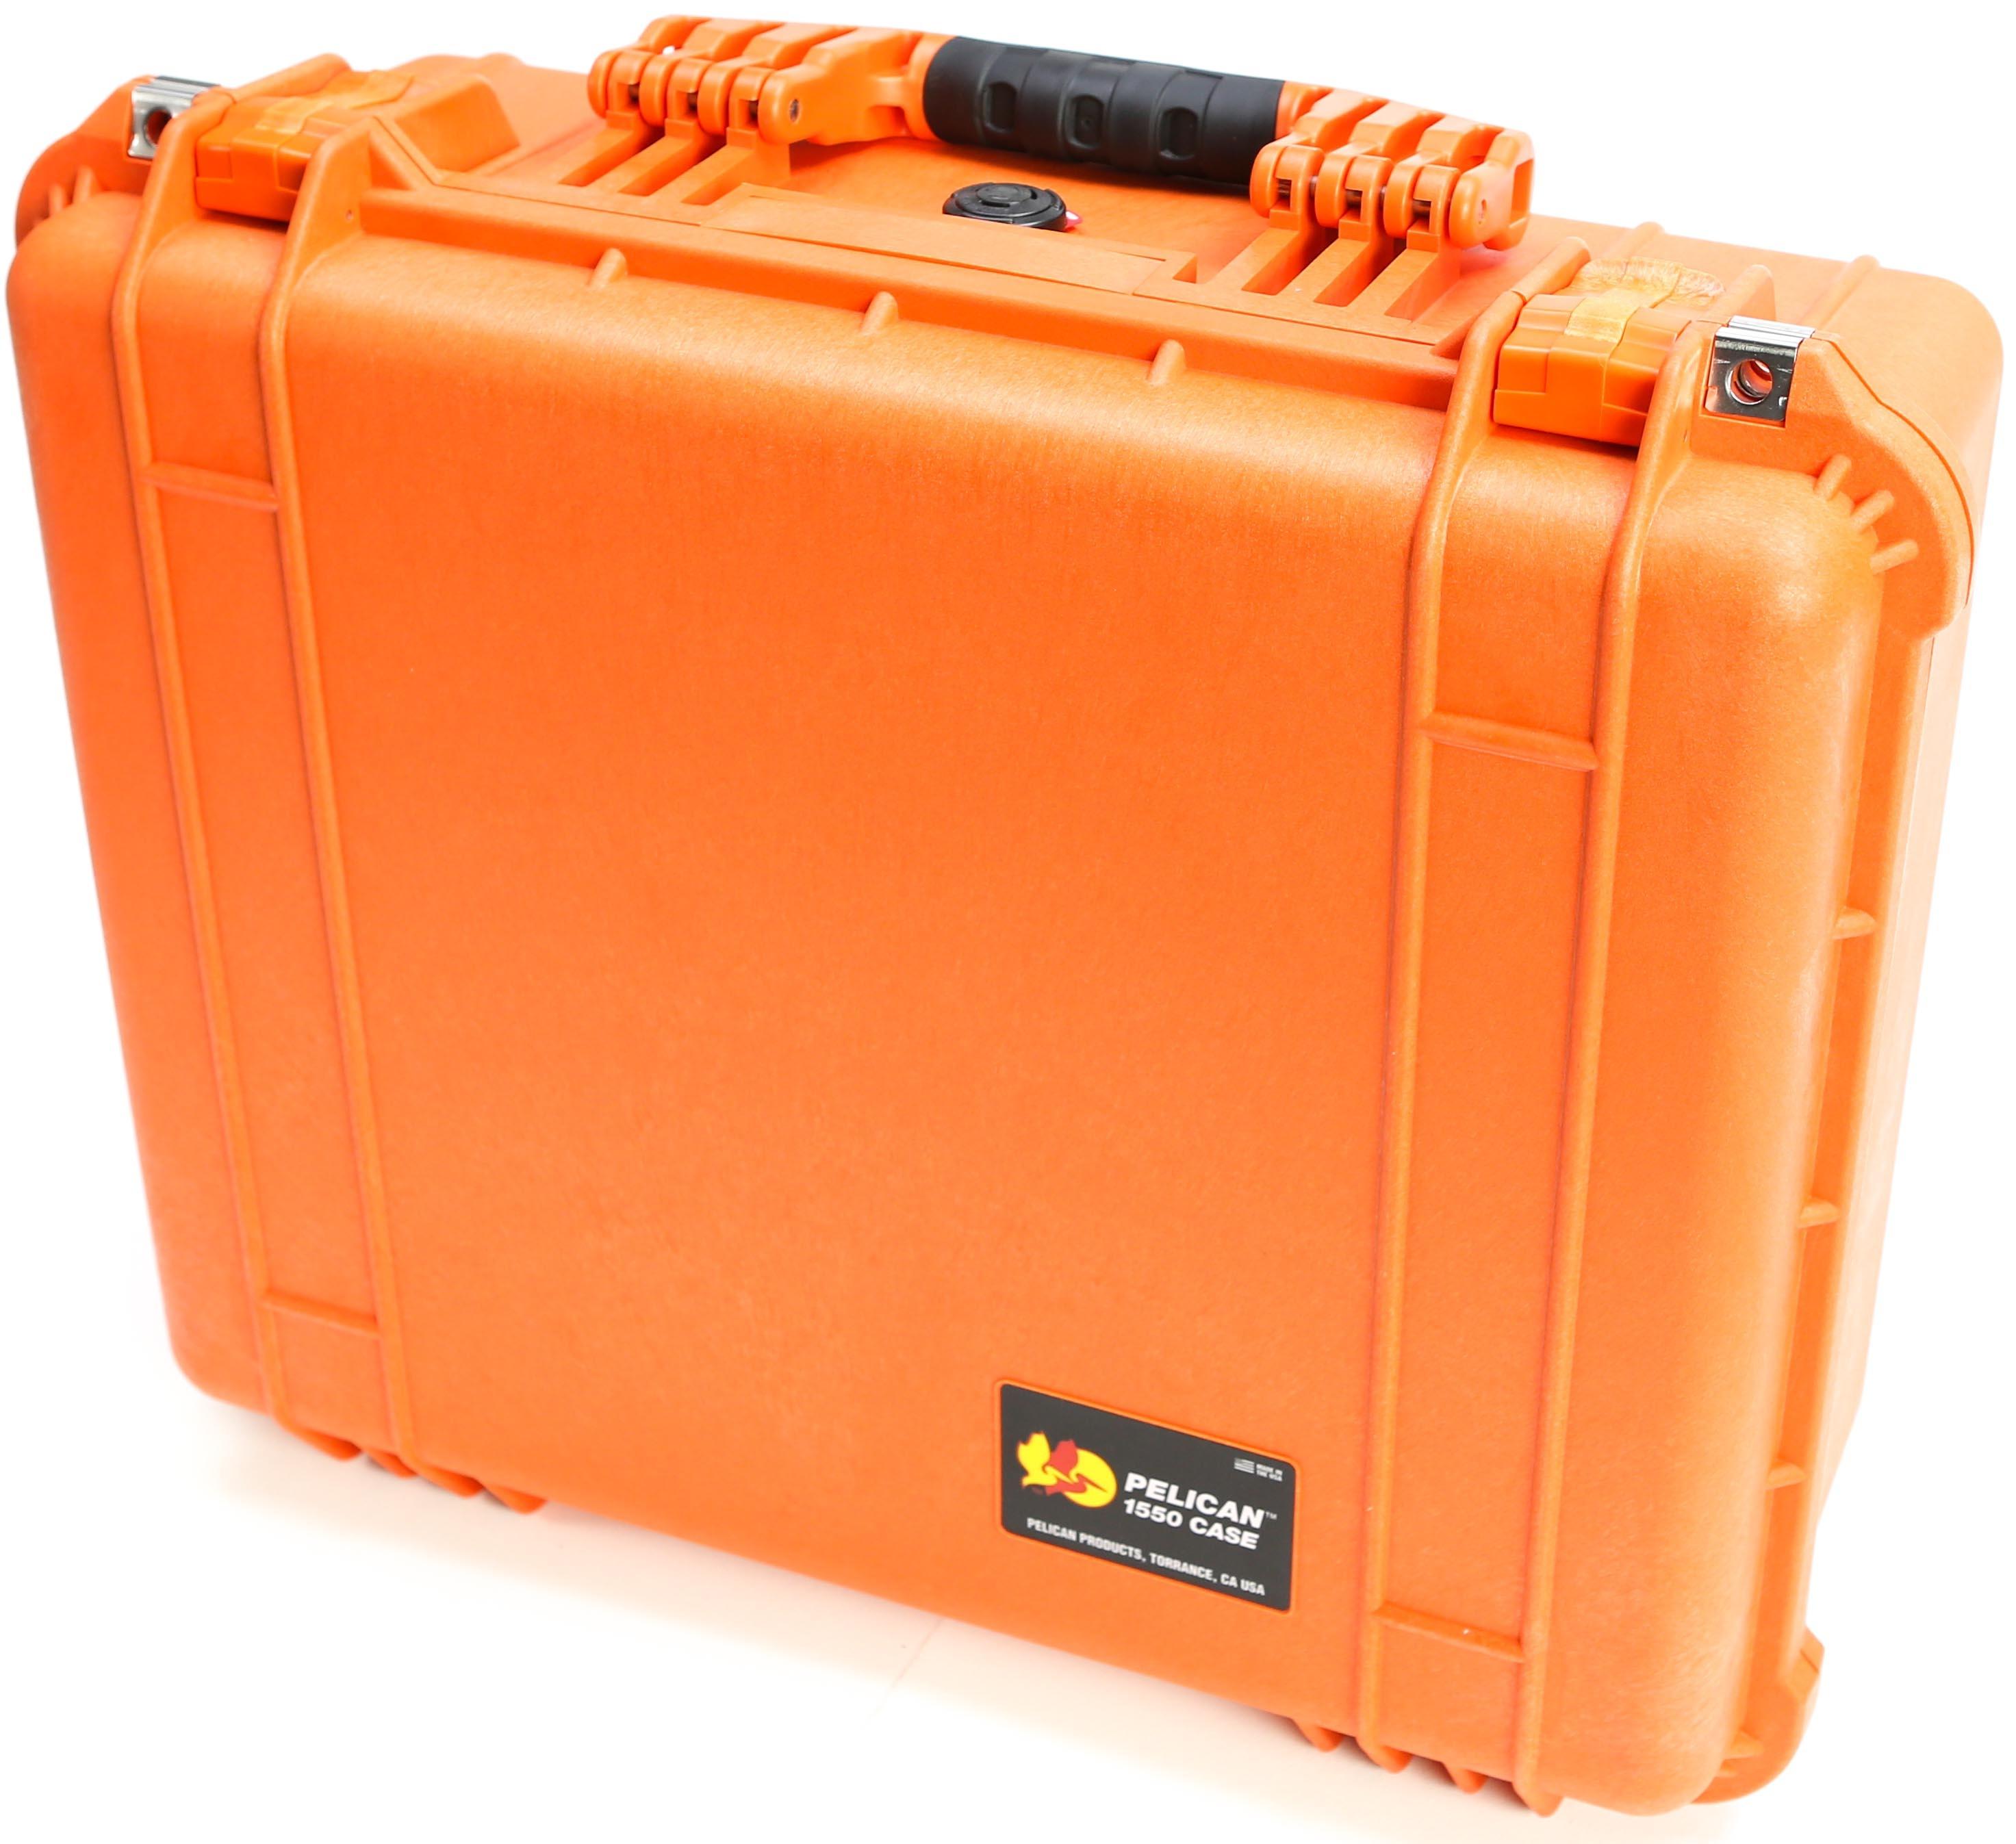 Pelican 1550 Case without Foam (Orange)